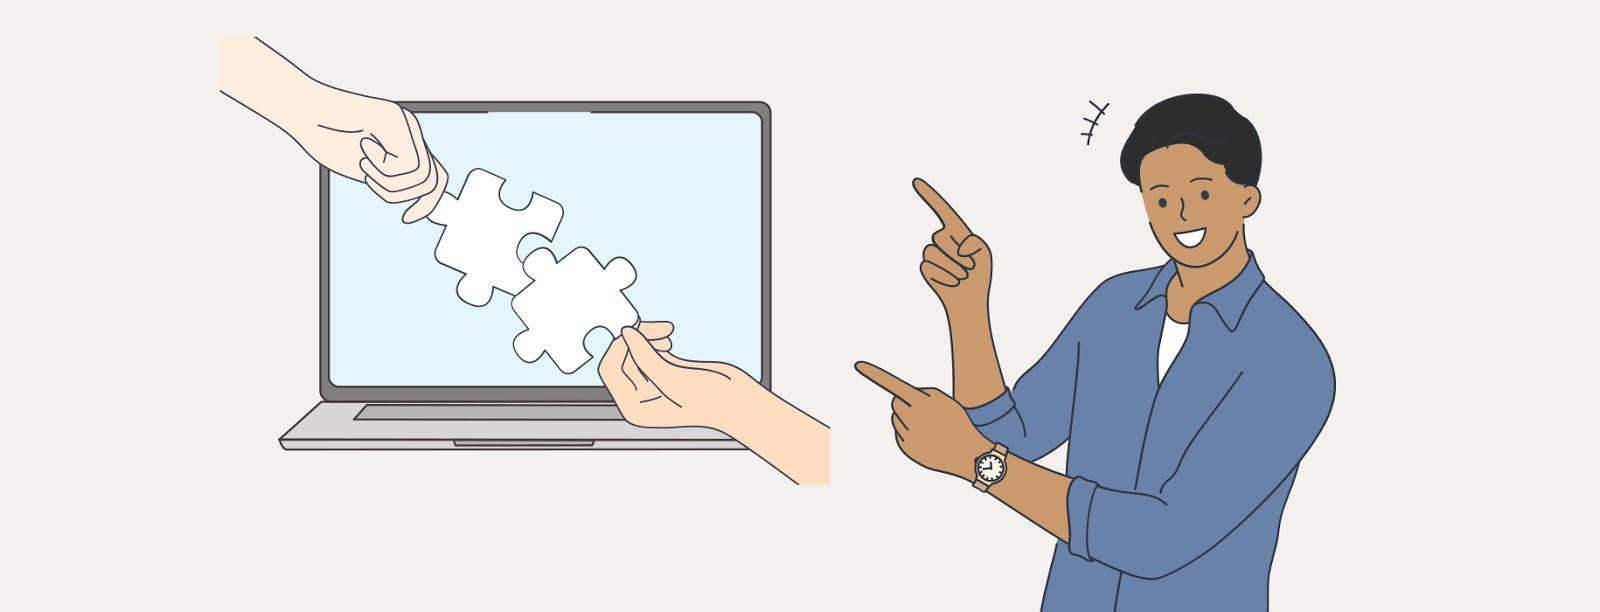 """Иллюстрация рук, соединяющих кусочки мозаики на экране компьютера """"width ="""" 1600 """"height ="""" 612 """"/>    <figcaption> Сохраняйте простоту. Успешный веб-дизайн включает в себя слияние кусочков по кусочкам . Иллюстрация OrangeCrush </figcaption></figure> <p> К счастью, избежать переполнения ваших дизайнов относительно легко, потому что для этого нужно просто избежать соблазна добавить дополнительные элементы на вашу веб-страницу, «чтобы увидеть, что происходит». объясните, для чего предназначен конкретный элемент на вашей странице, его не должно быть. Поэтому сосредоточьтесь на создании прочной, простой структуры, которая подарит пользователям максимально позитивный и цельный опыт. </p> <figure data-id="""